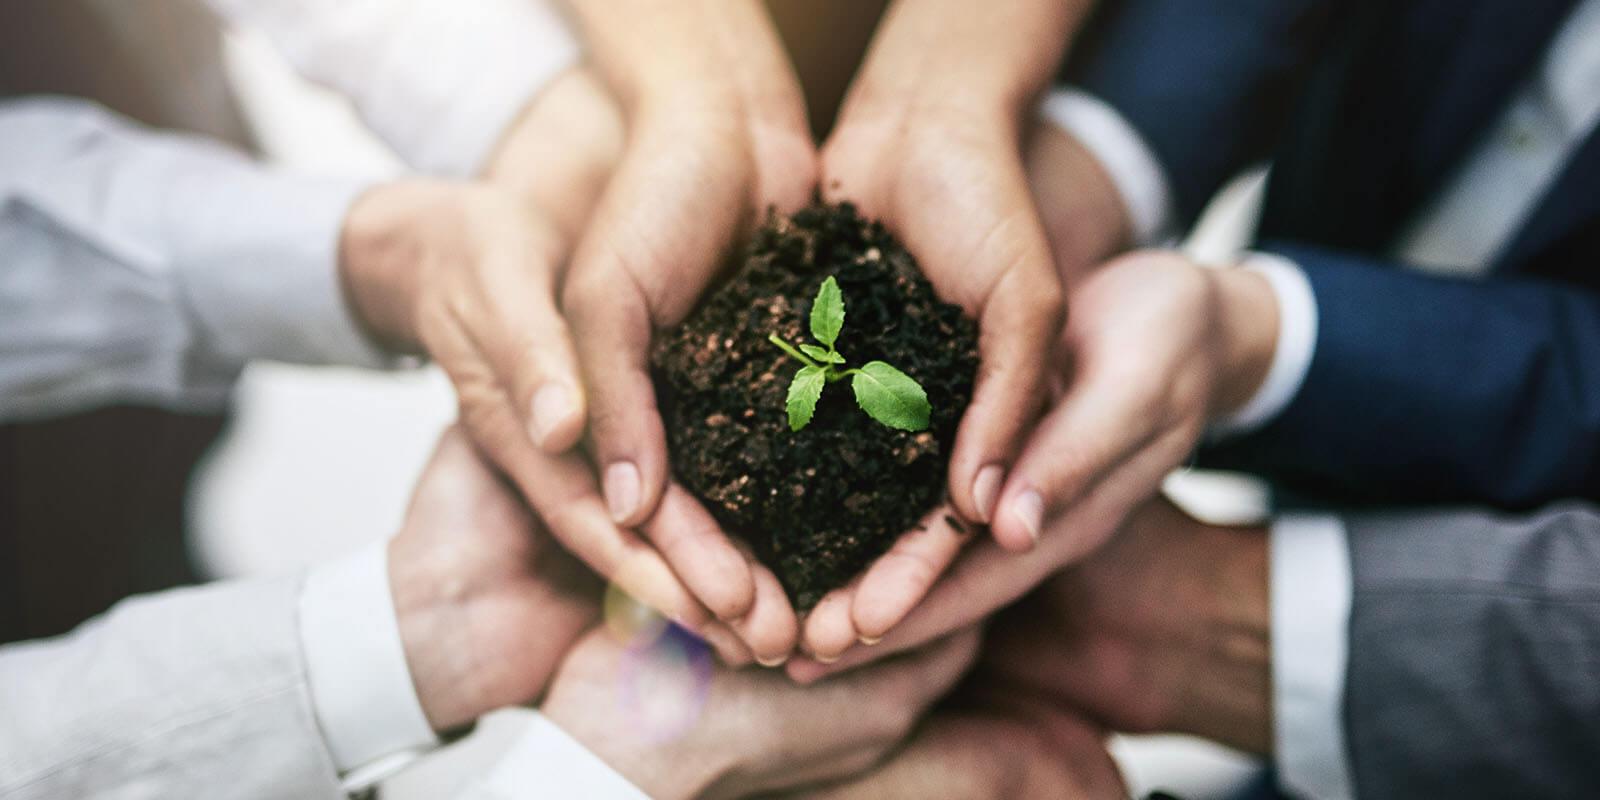 Mehrere Hände halten Erde, in der eine Pflanze wächst